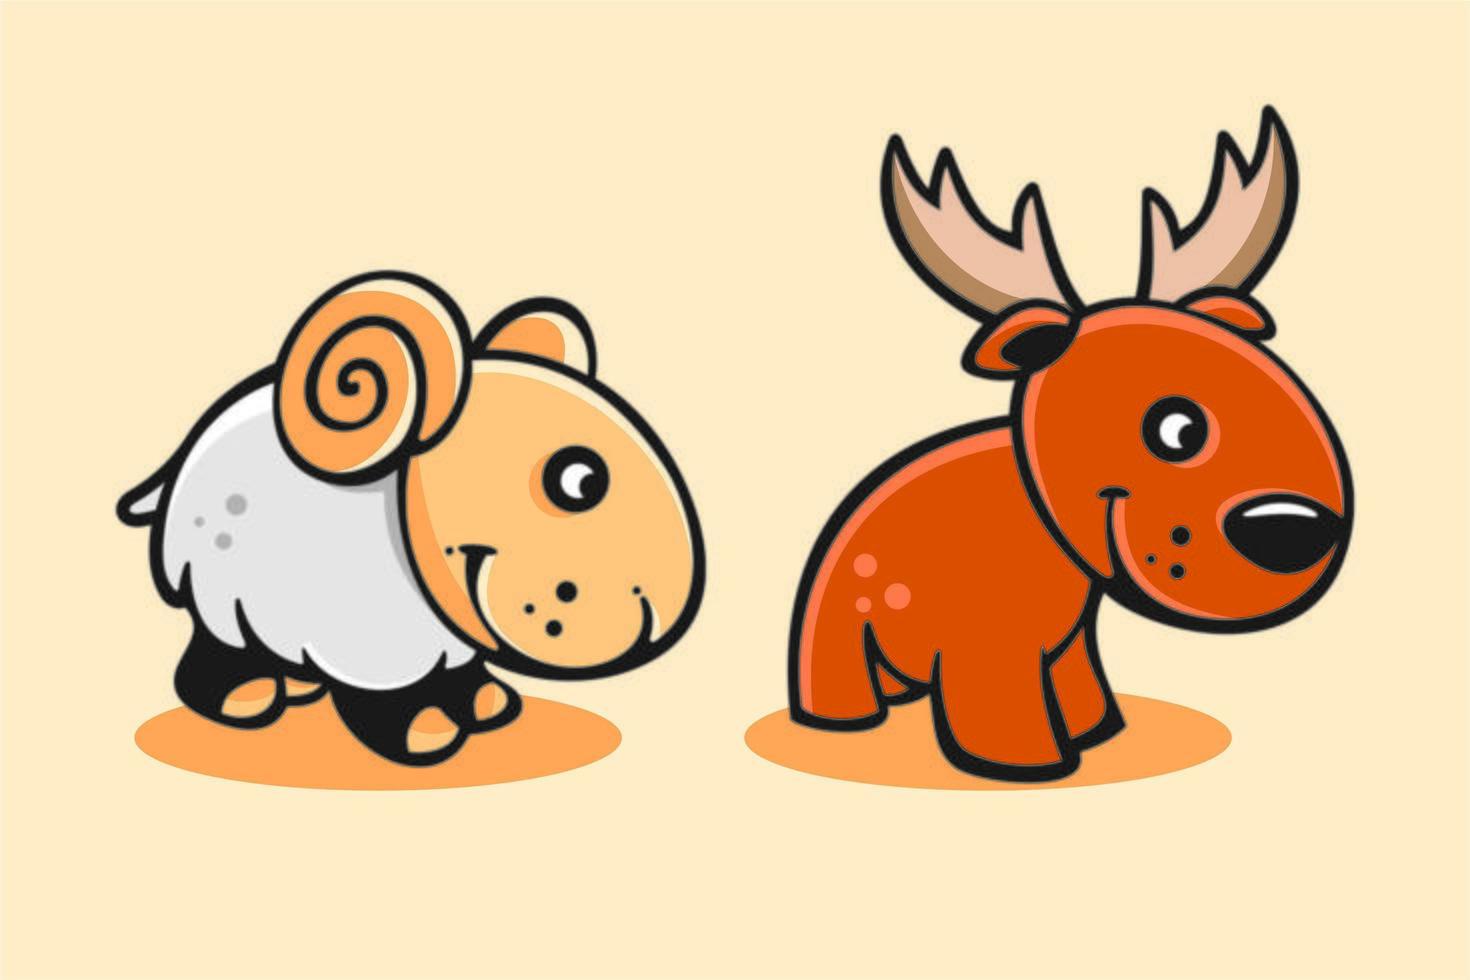 conjunto de dibujos animados lindo bebé cabra y ciervo vector